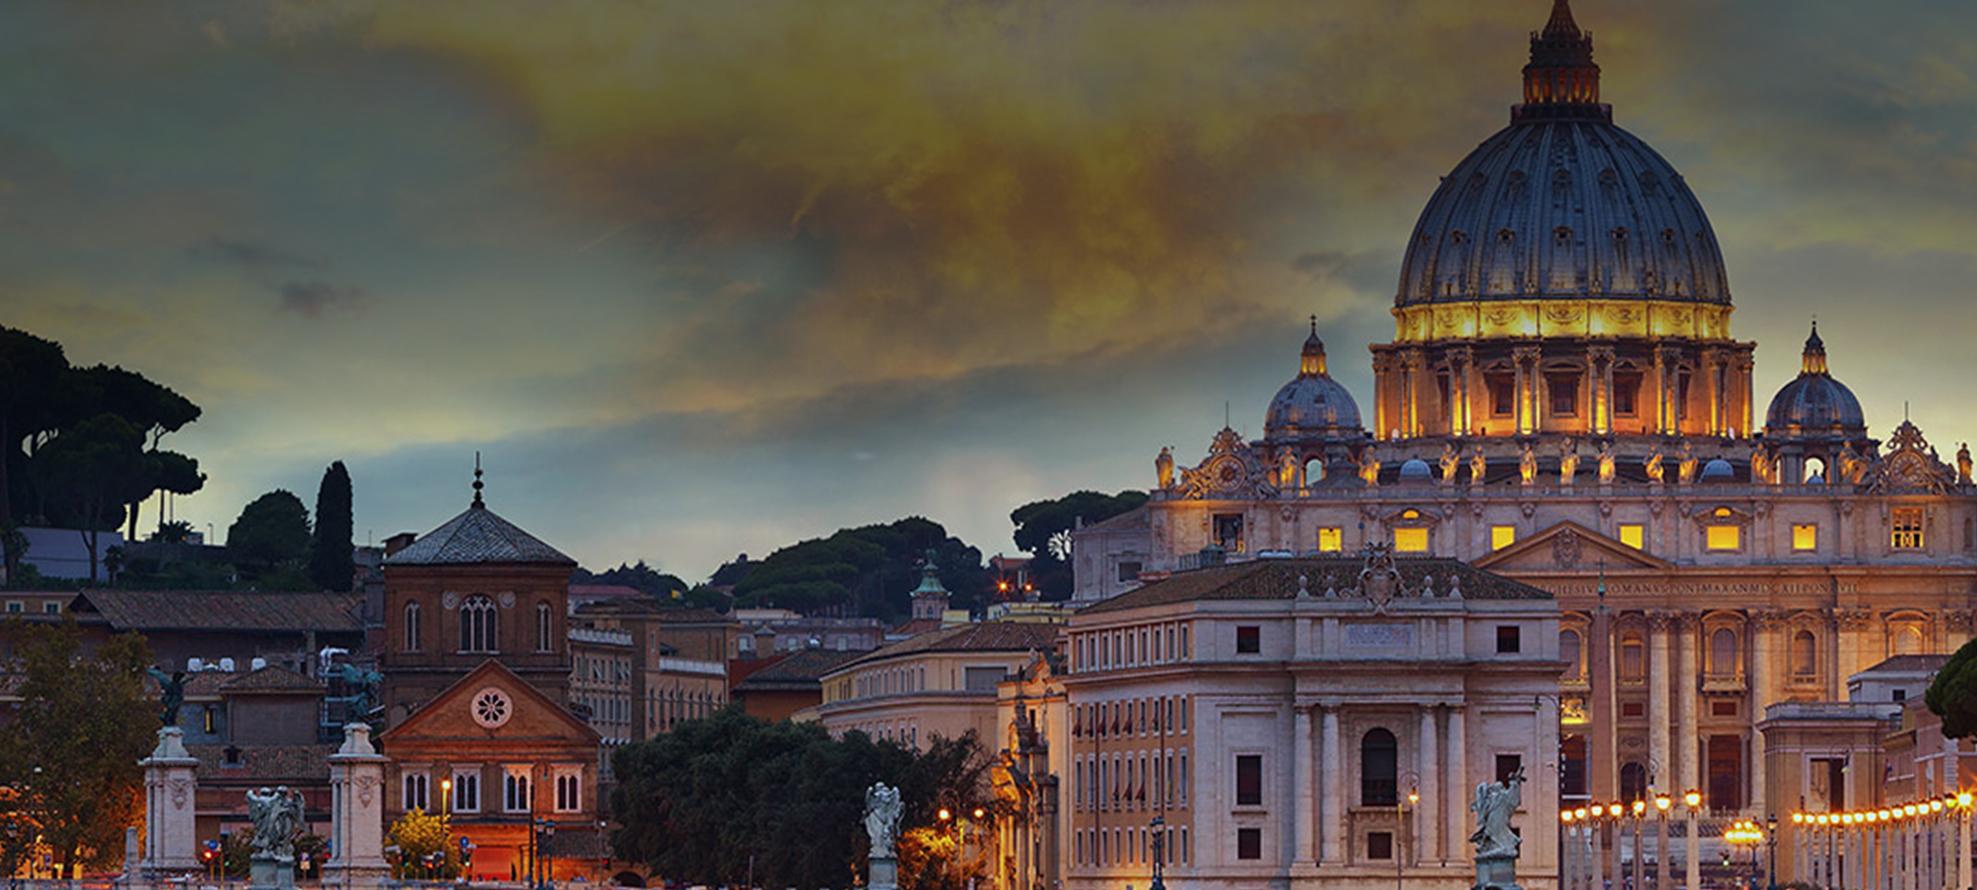 San Pietro e le Basiliche Papali